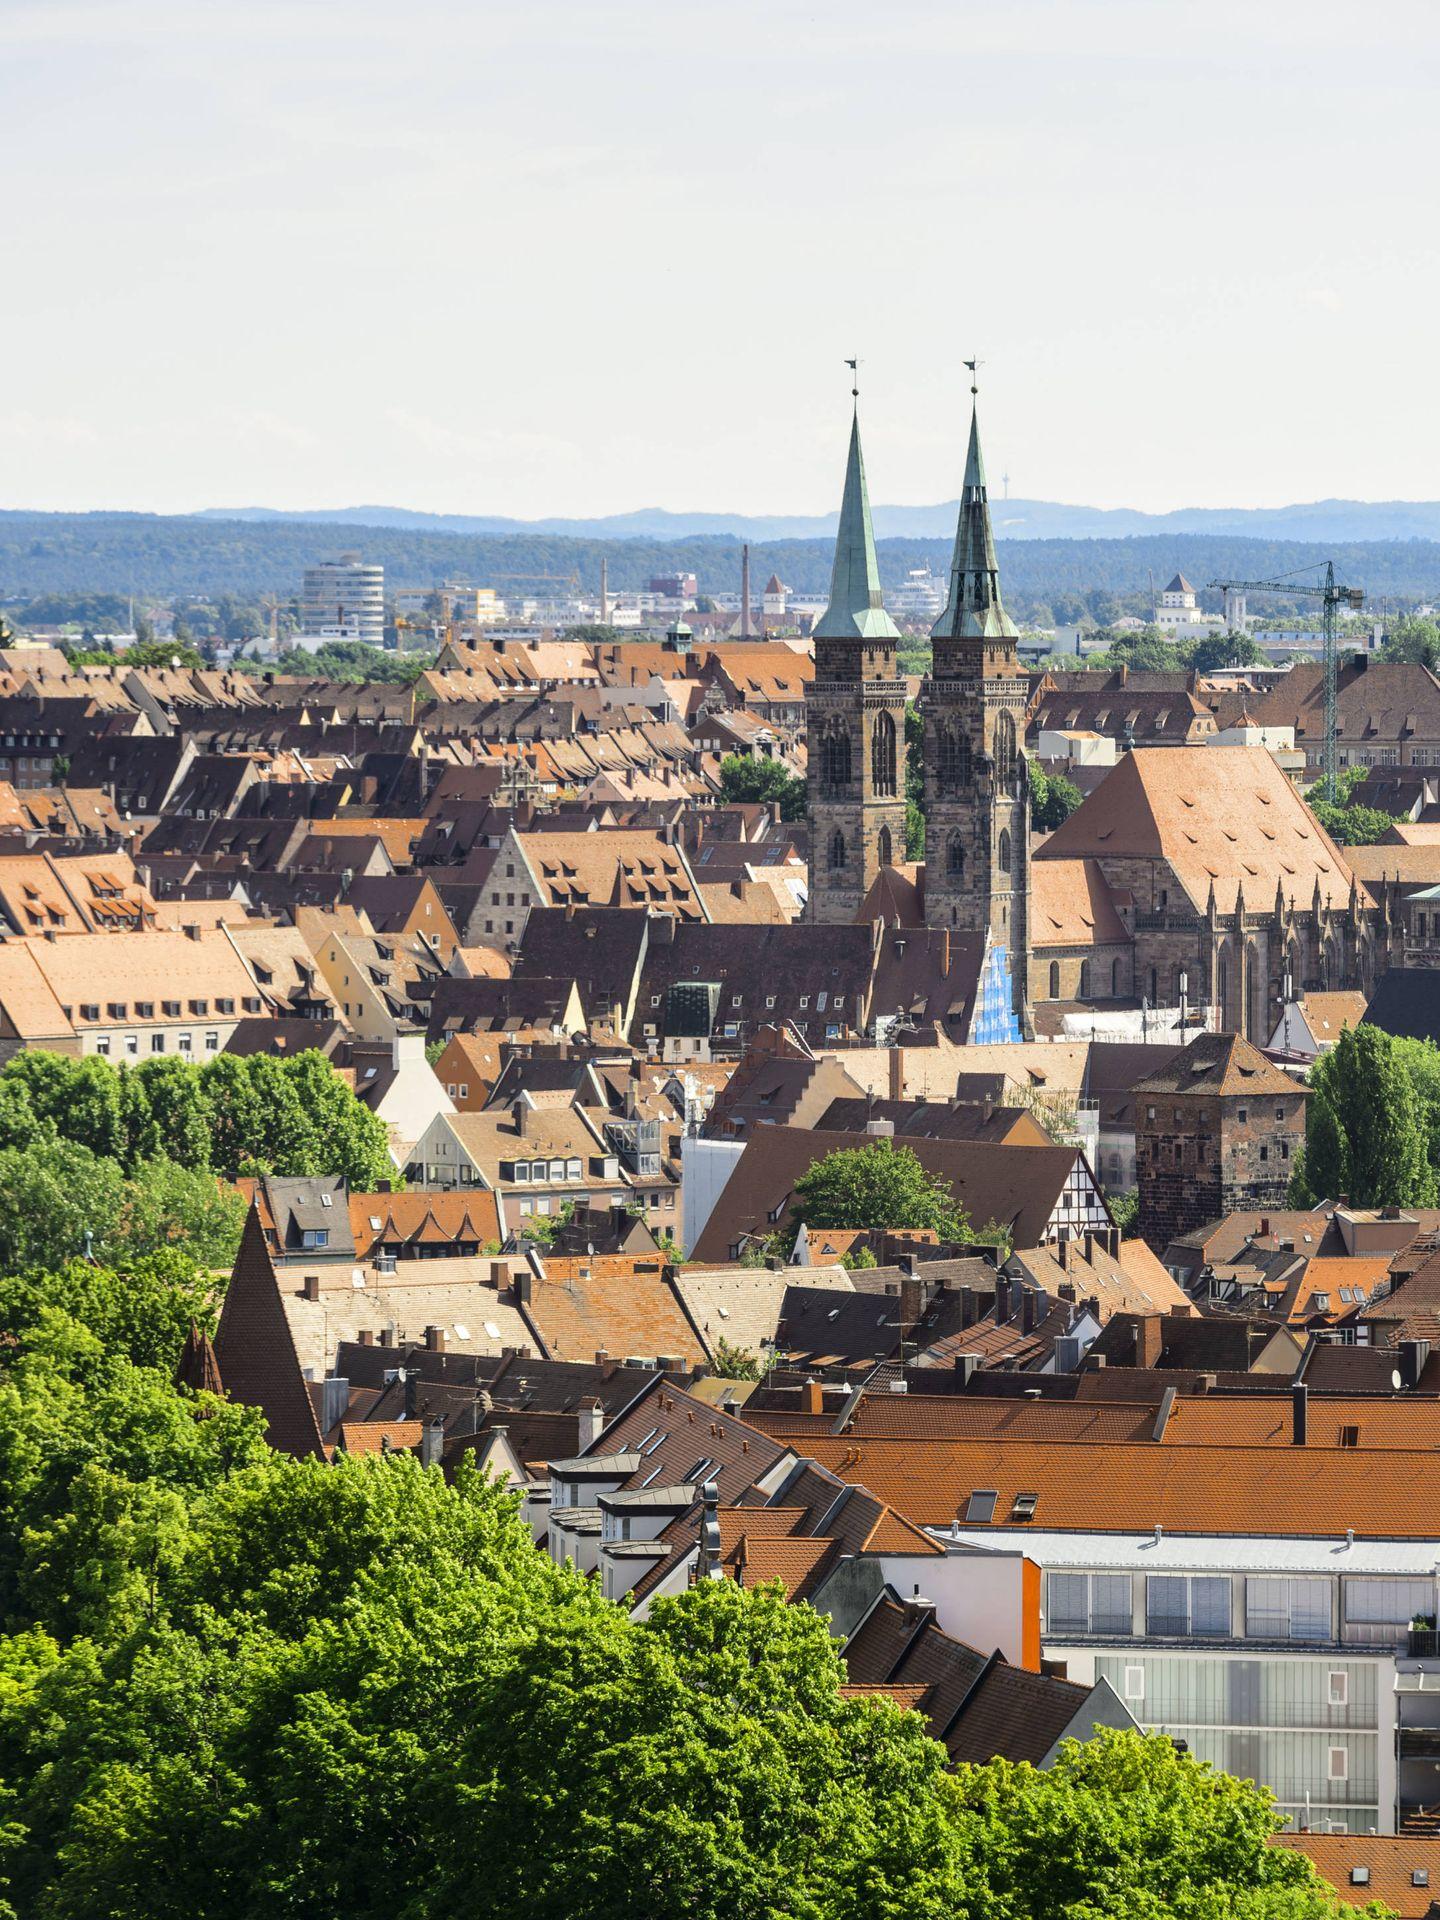 Una vista panorámica de Núremberg. (Foto: ©Uwe_Niklas)